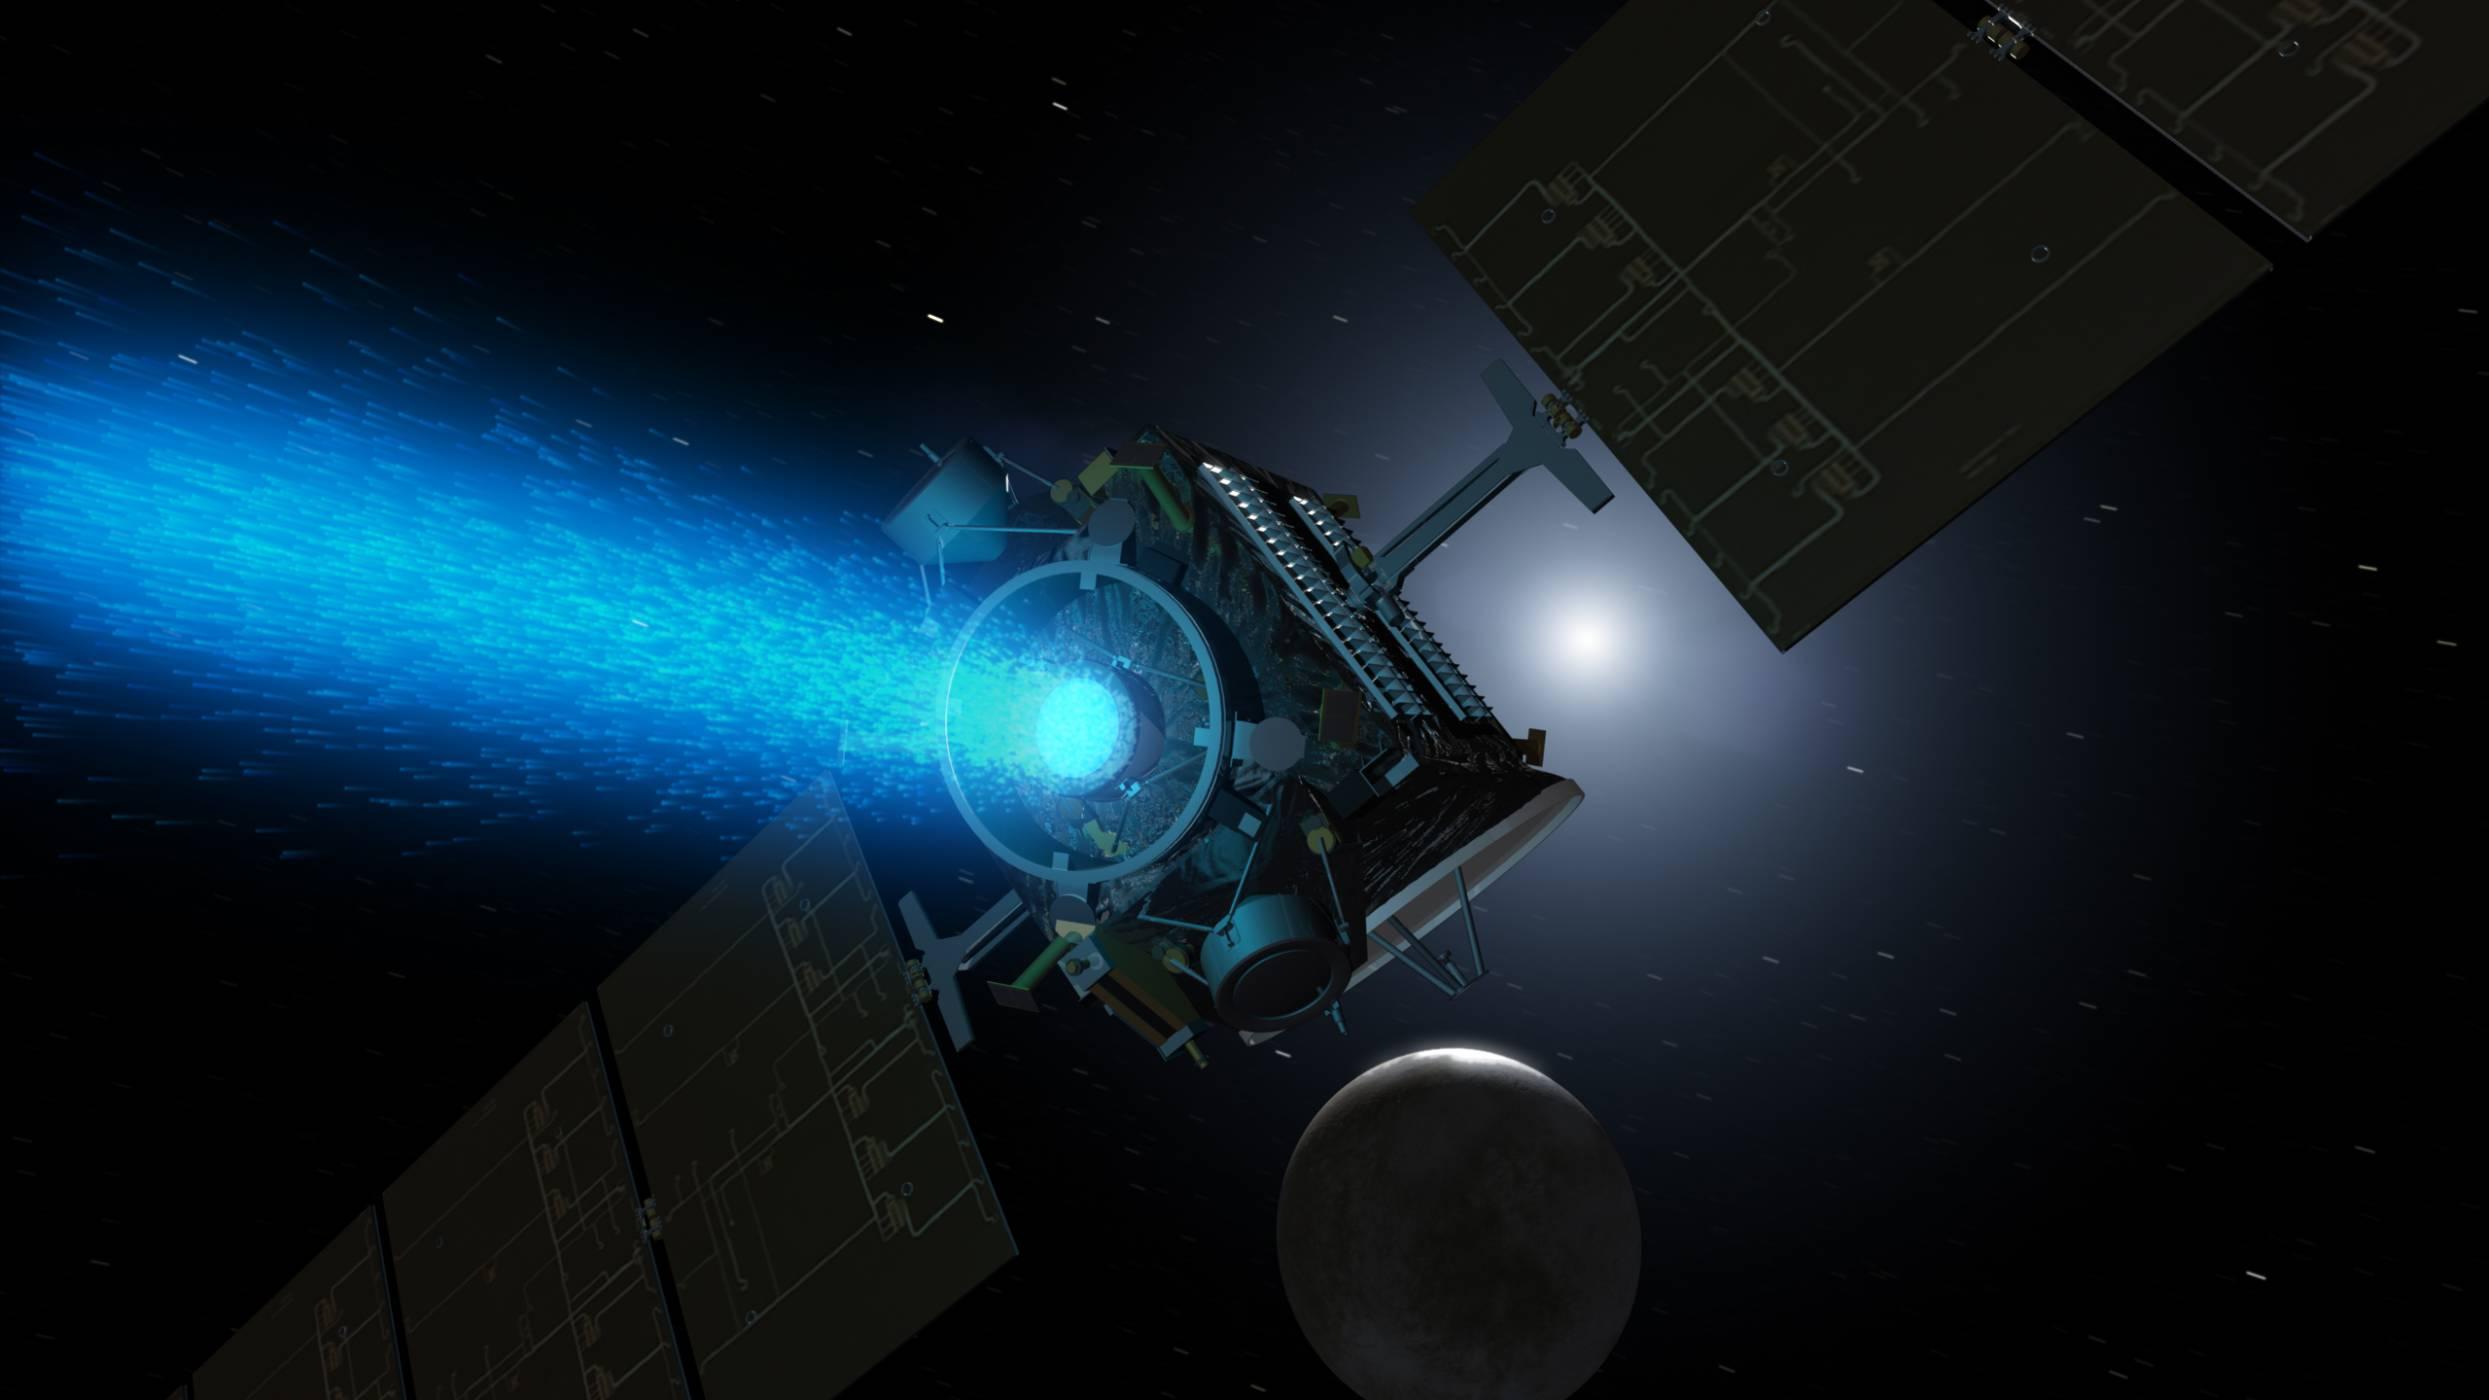 Йонният космически двигател на име X3 от NASA счупи рекордите